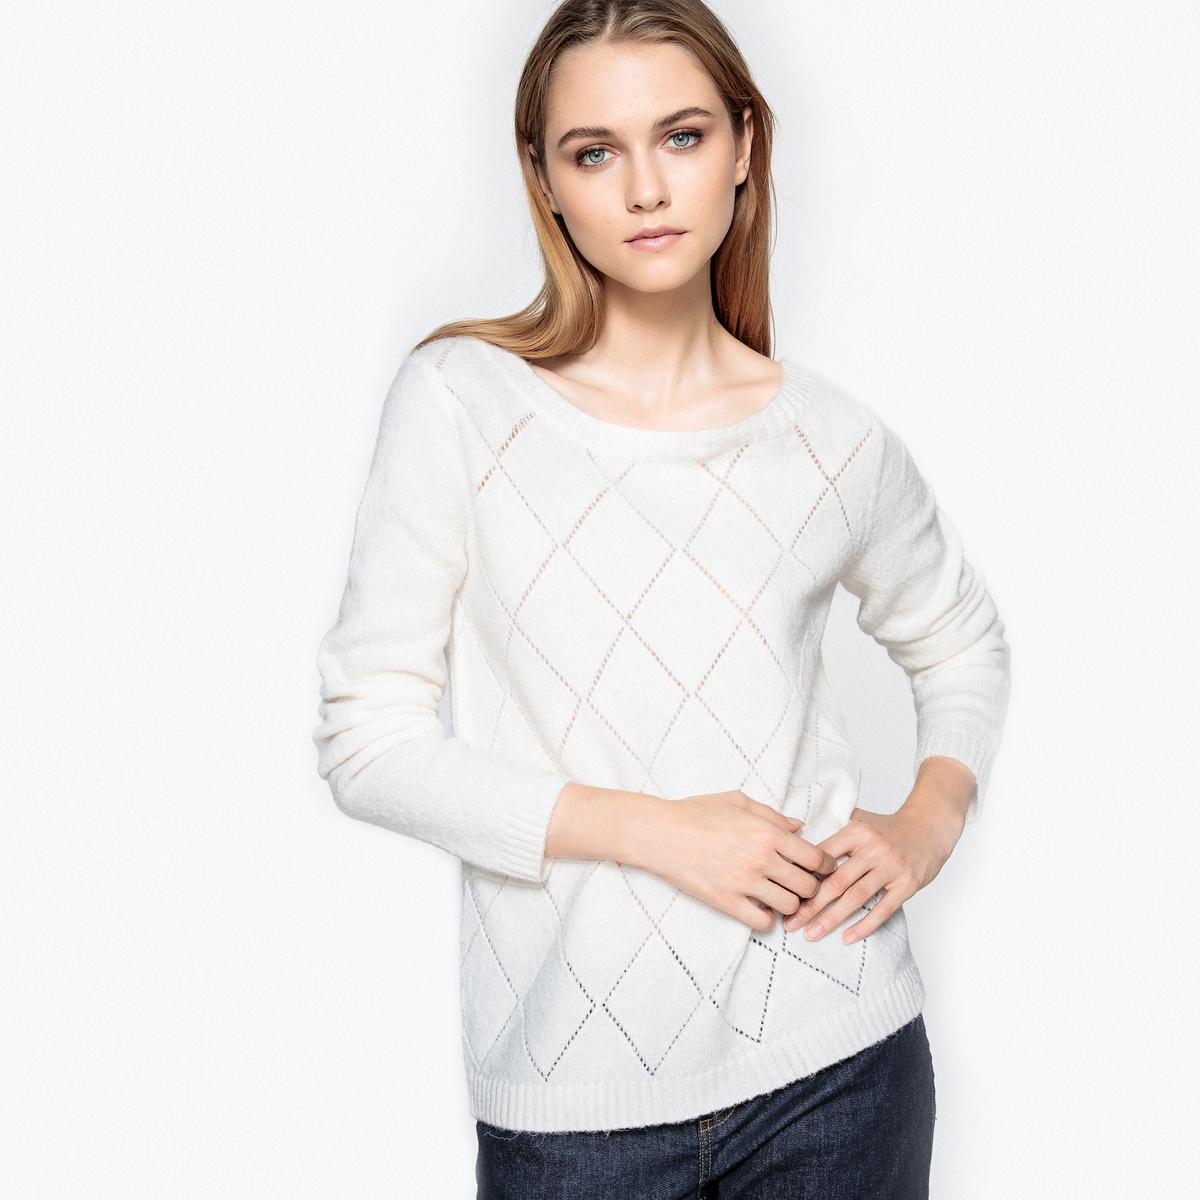 Пуловер ажурный с застежкой на пуговицы сзади ажурный пуловер quelle ajc 787037